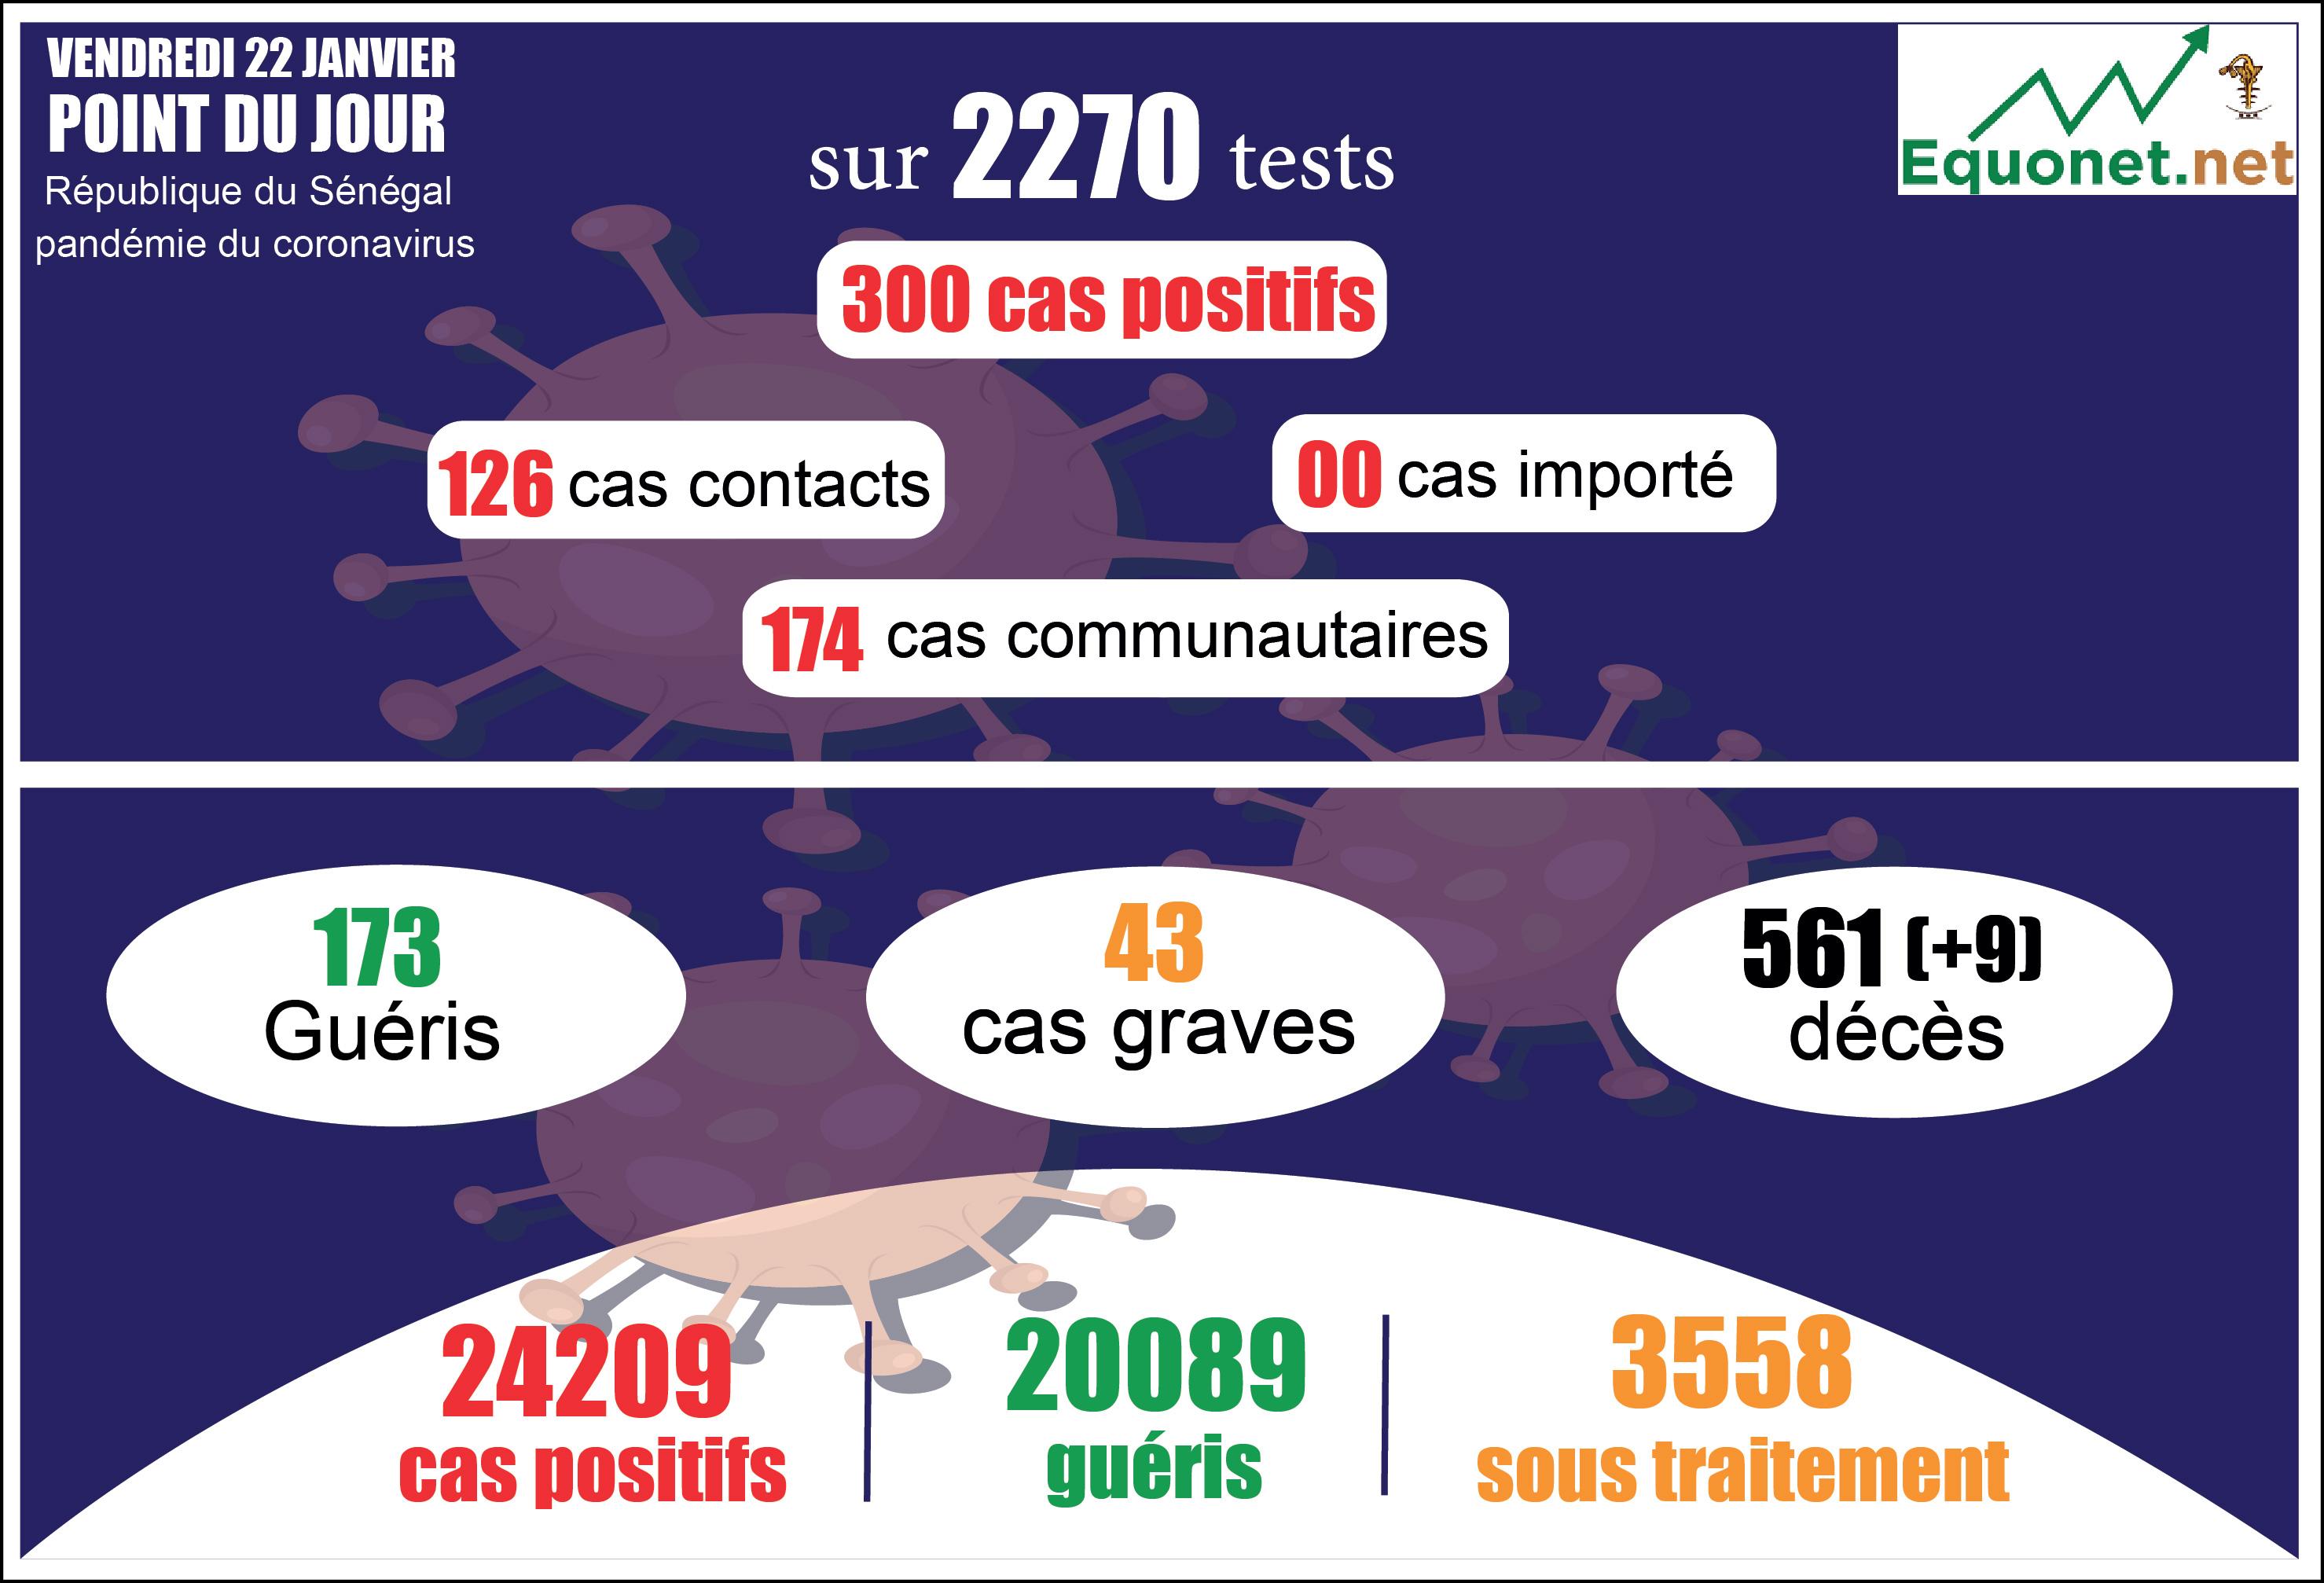 pandémie du coronavirus-covid-19 au sénégal : 174 cas communautaires et 9 décès enregistrés ce vendredi 22 janvier 2021